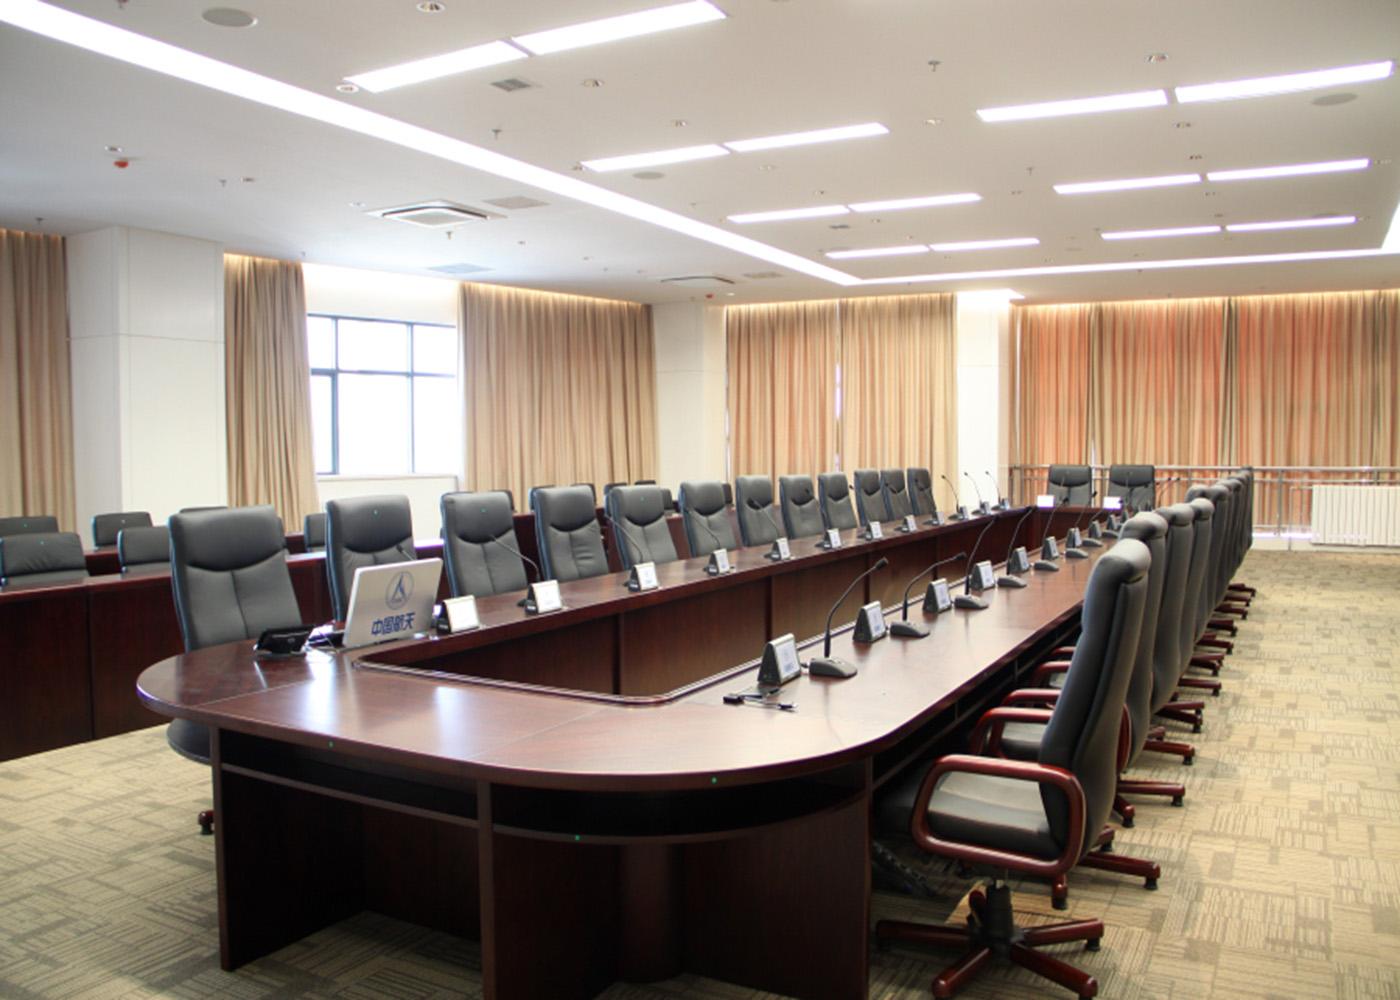 雷蒂斯会议桌A07,上海会议桌,【尺寸 价格 图片 品牌】